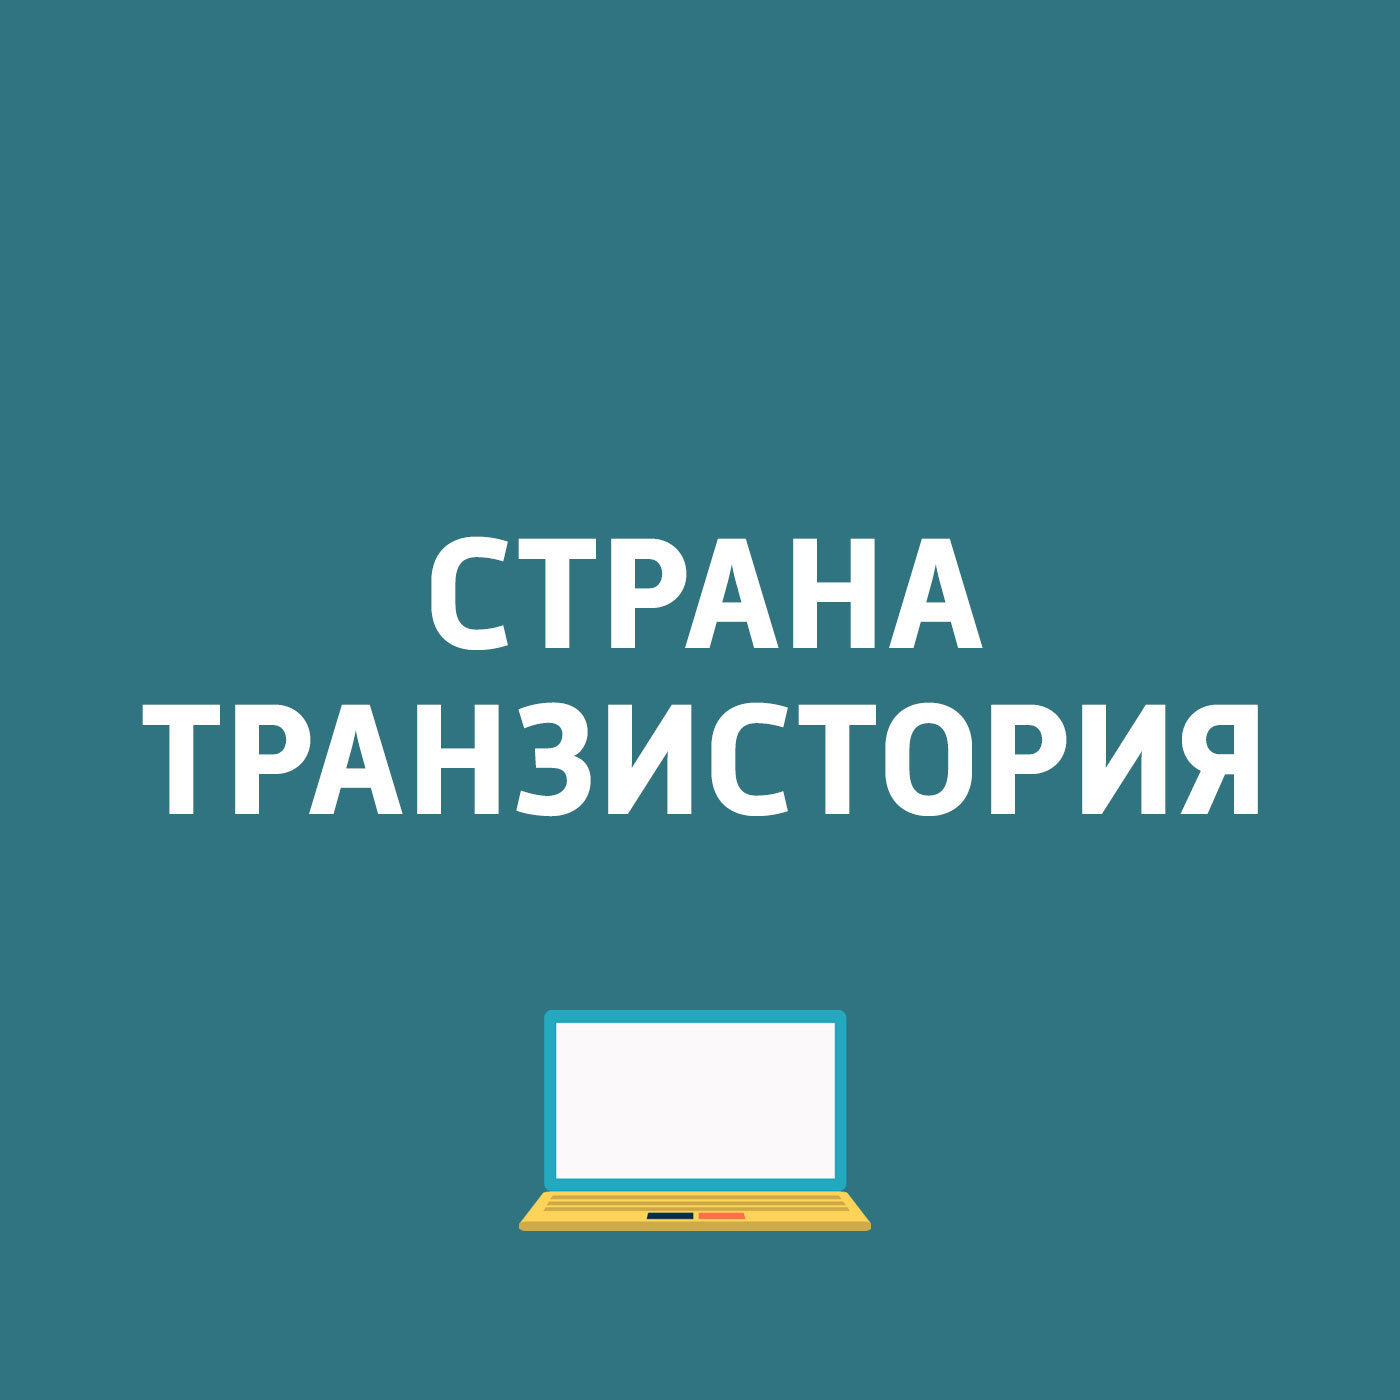 Картаев Павел Какими будут цены на новые айфоны; Яндекс.Здоровье расширяет список своих услуг; Windows 98 отпраздновала 20-летие